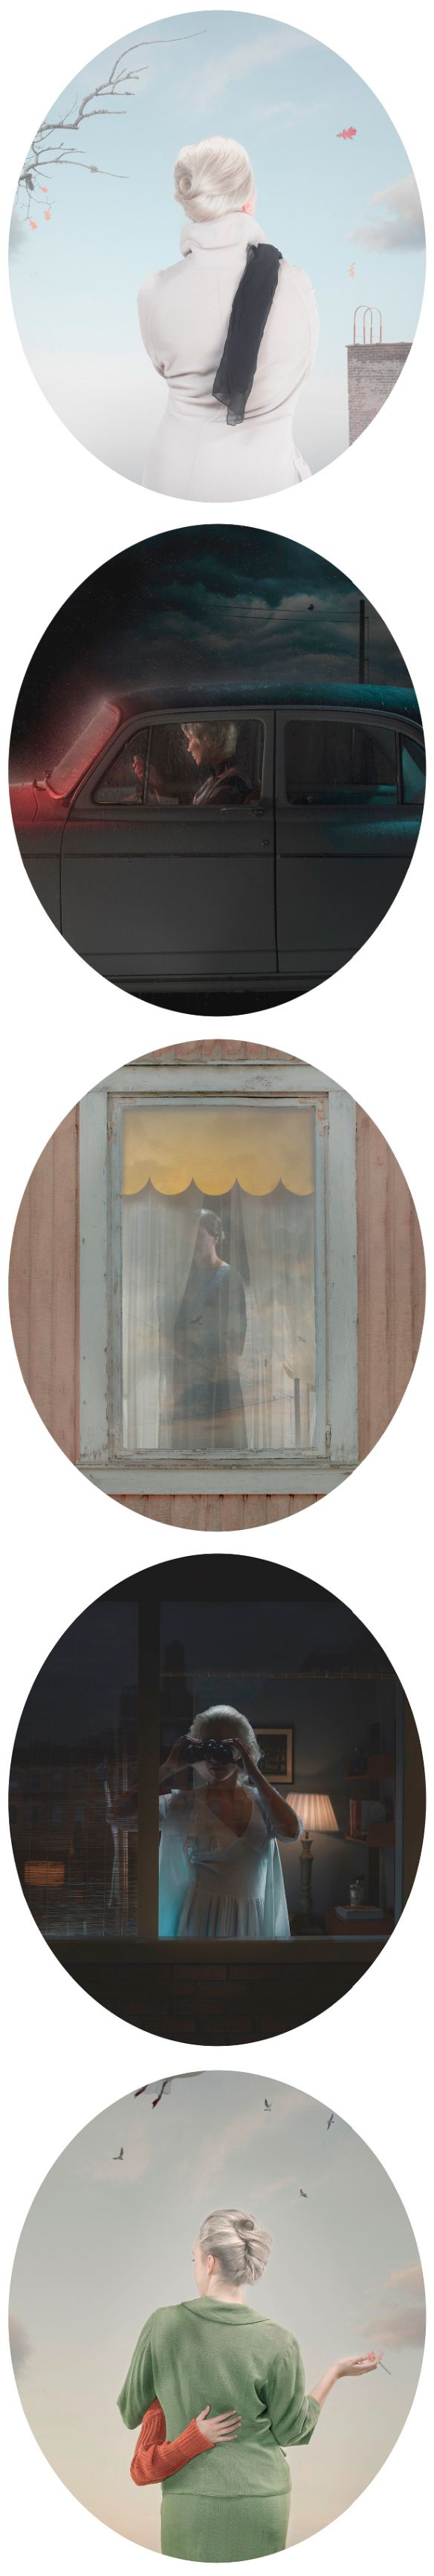 The Jealous Curator /// curated contemporary art /// ole marius joergensen